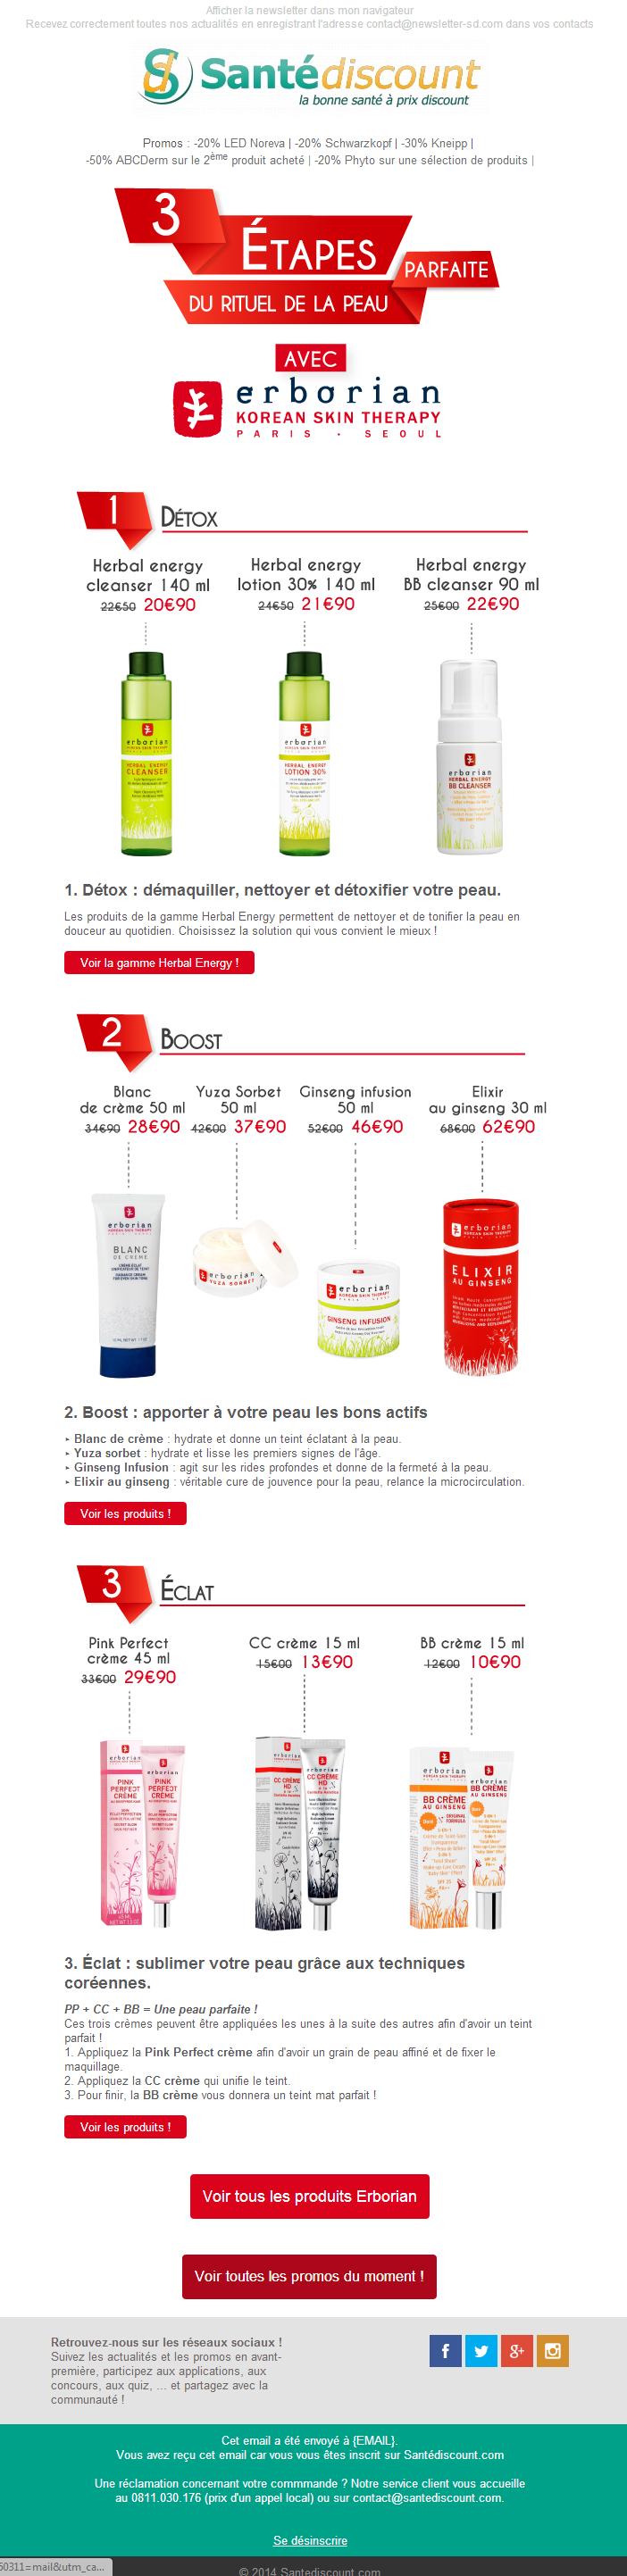 Détoxifiez, boostez, et sublimez votre peau en 3 étapes !